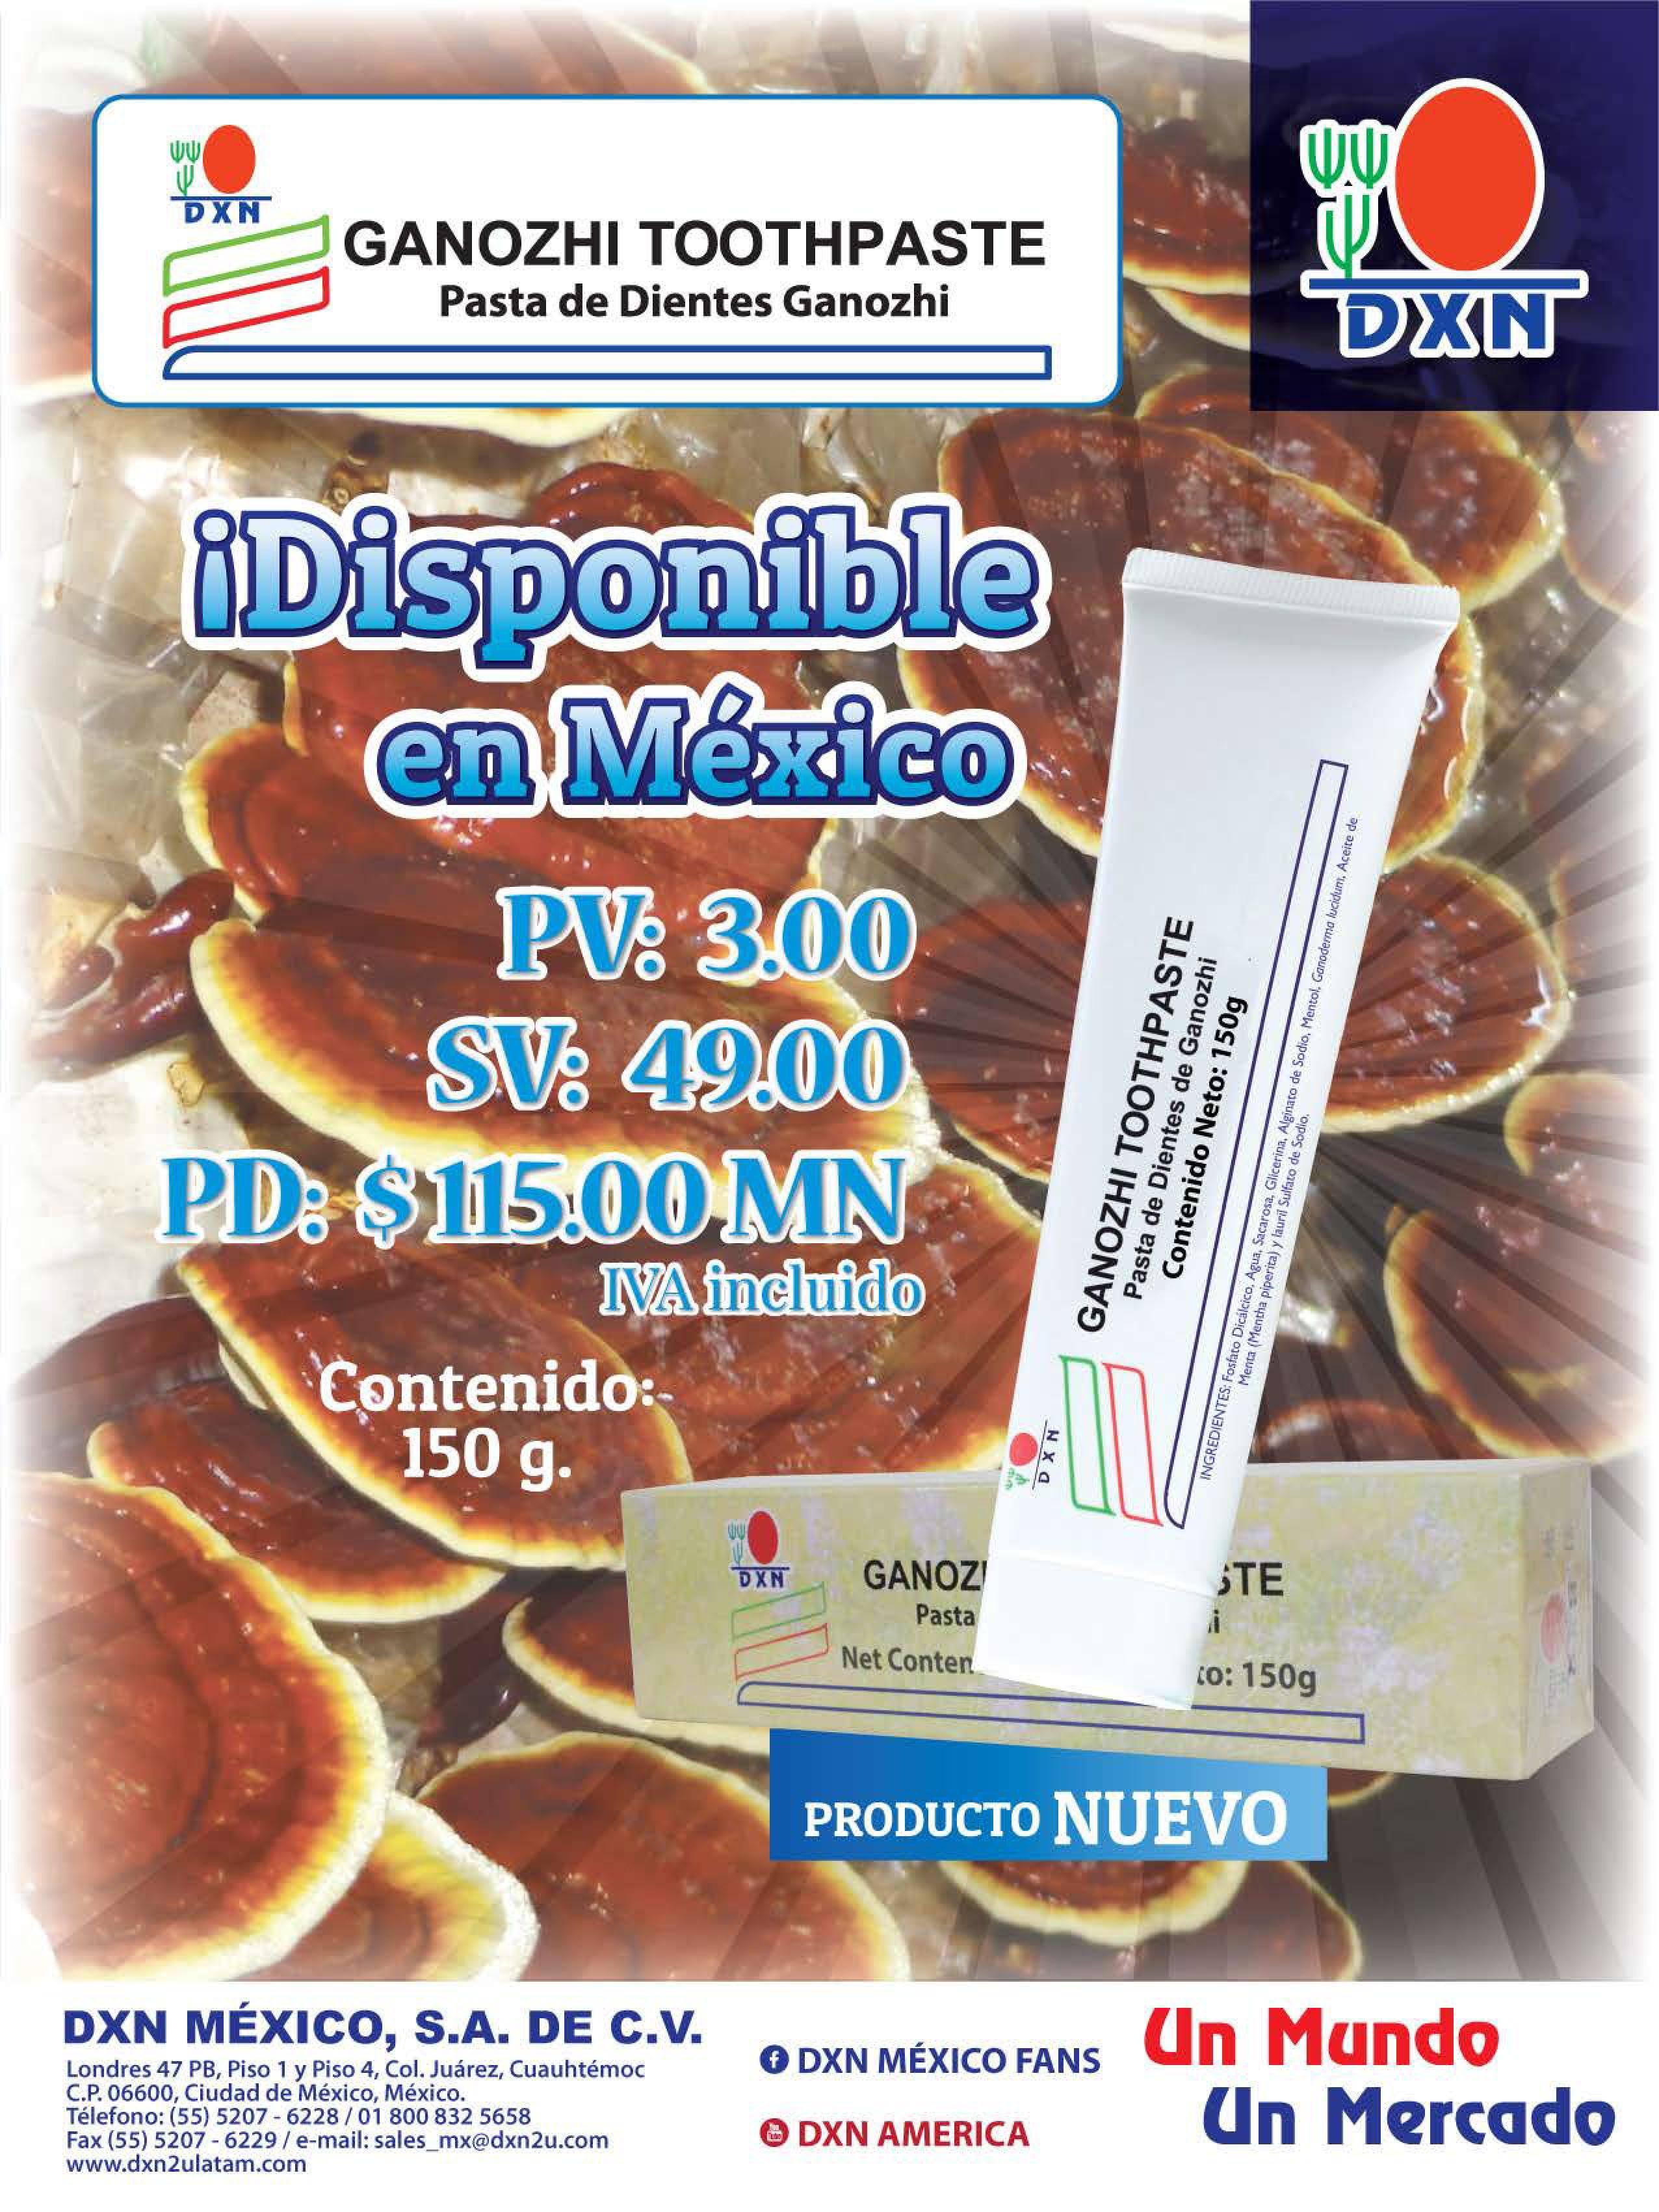 dxn mexico pasta dental con ganoderma